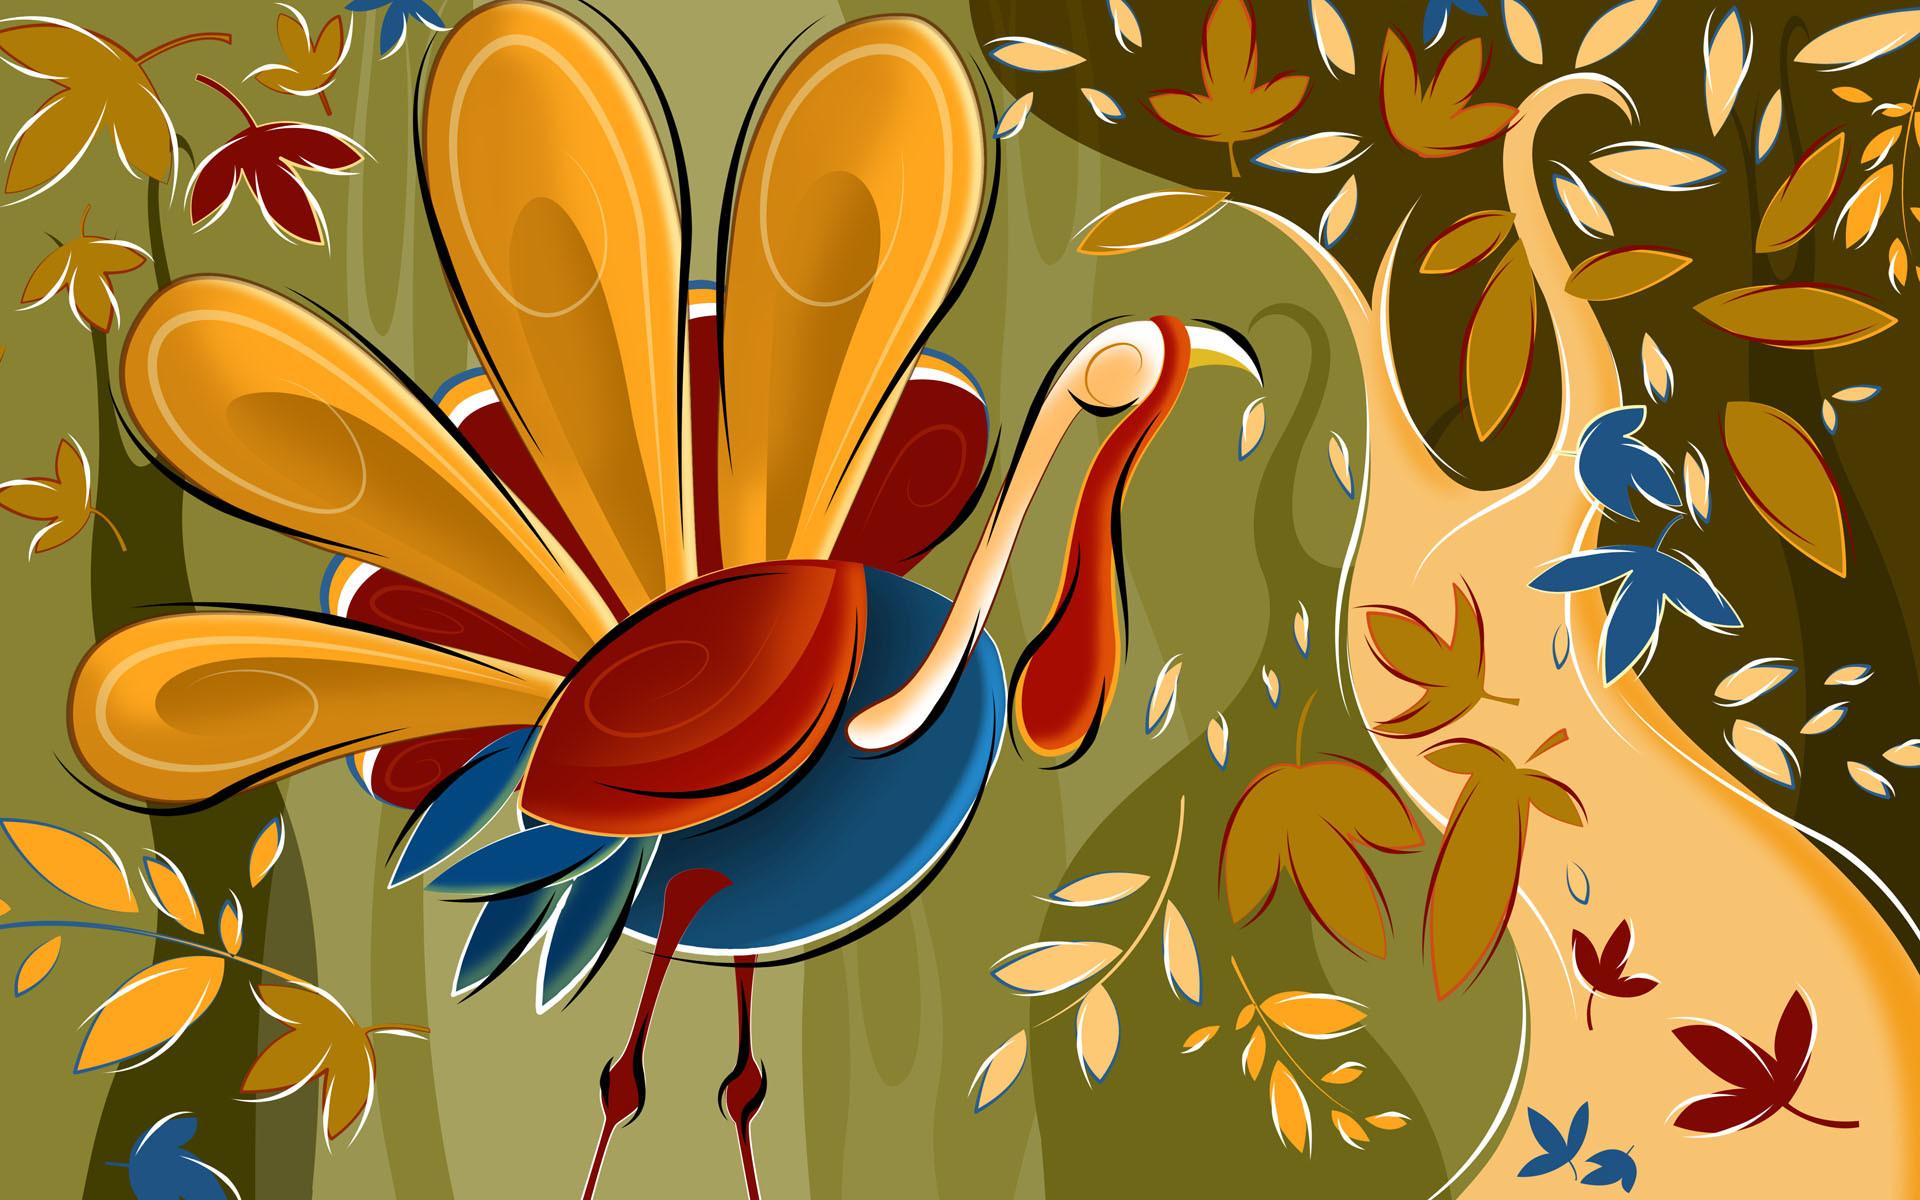 Thanksgiving Cartoon Wallpaper Thanksgiving Cartoon .